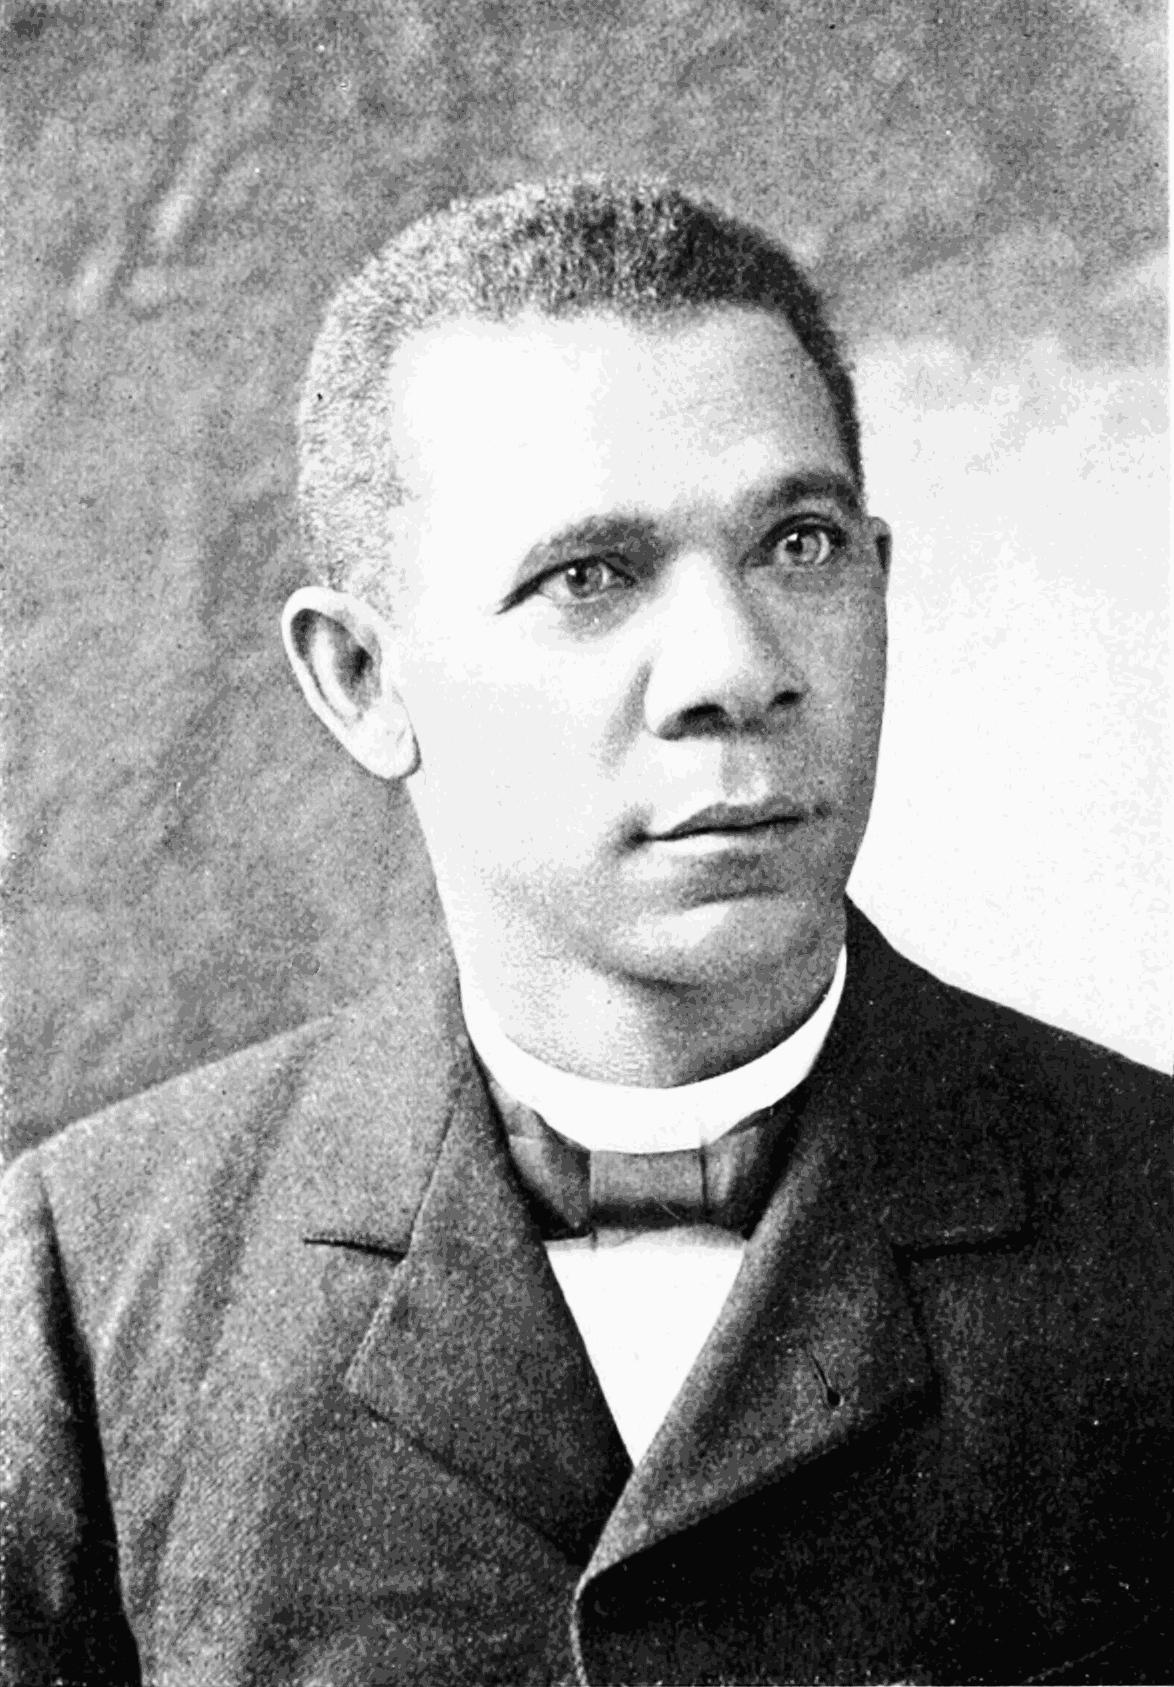 Booker T Washington